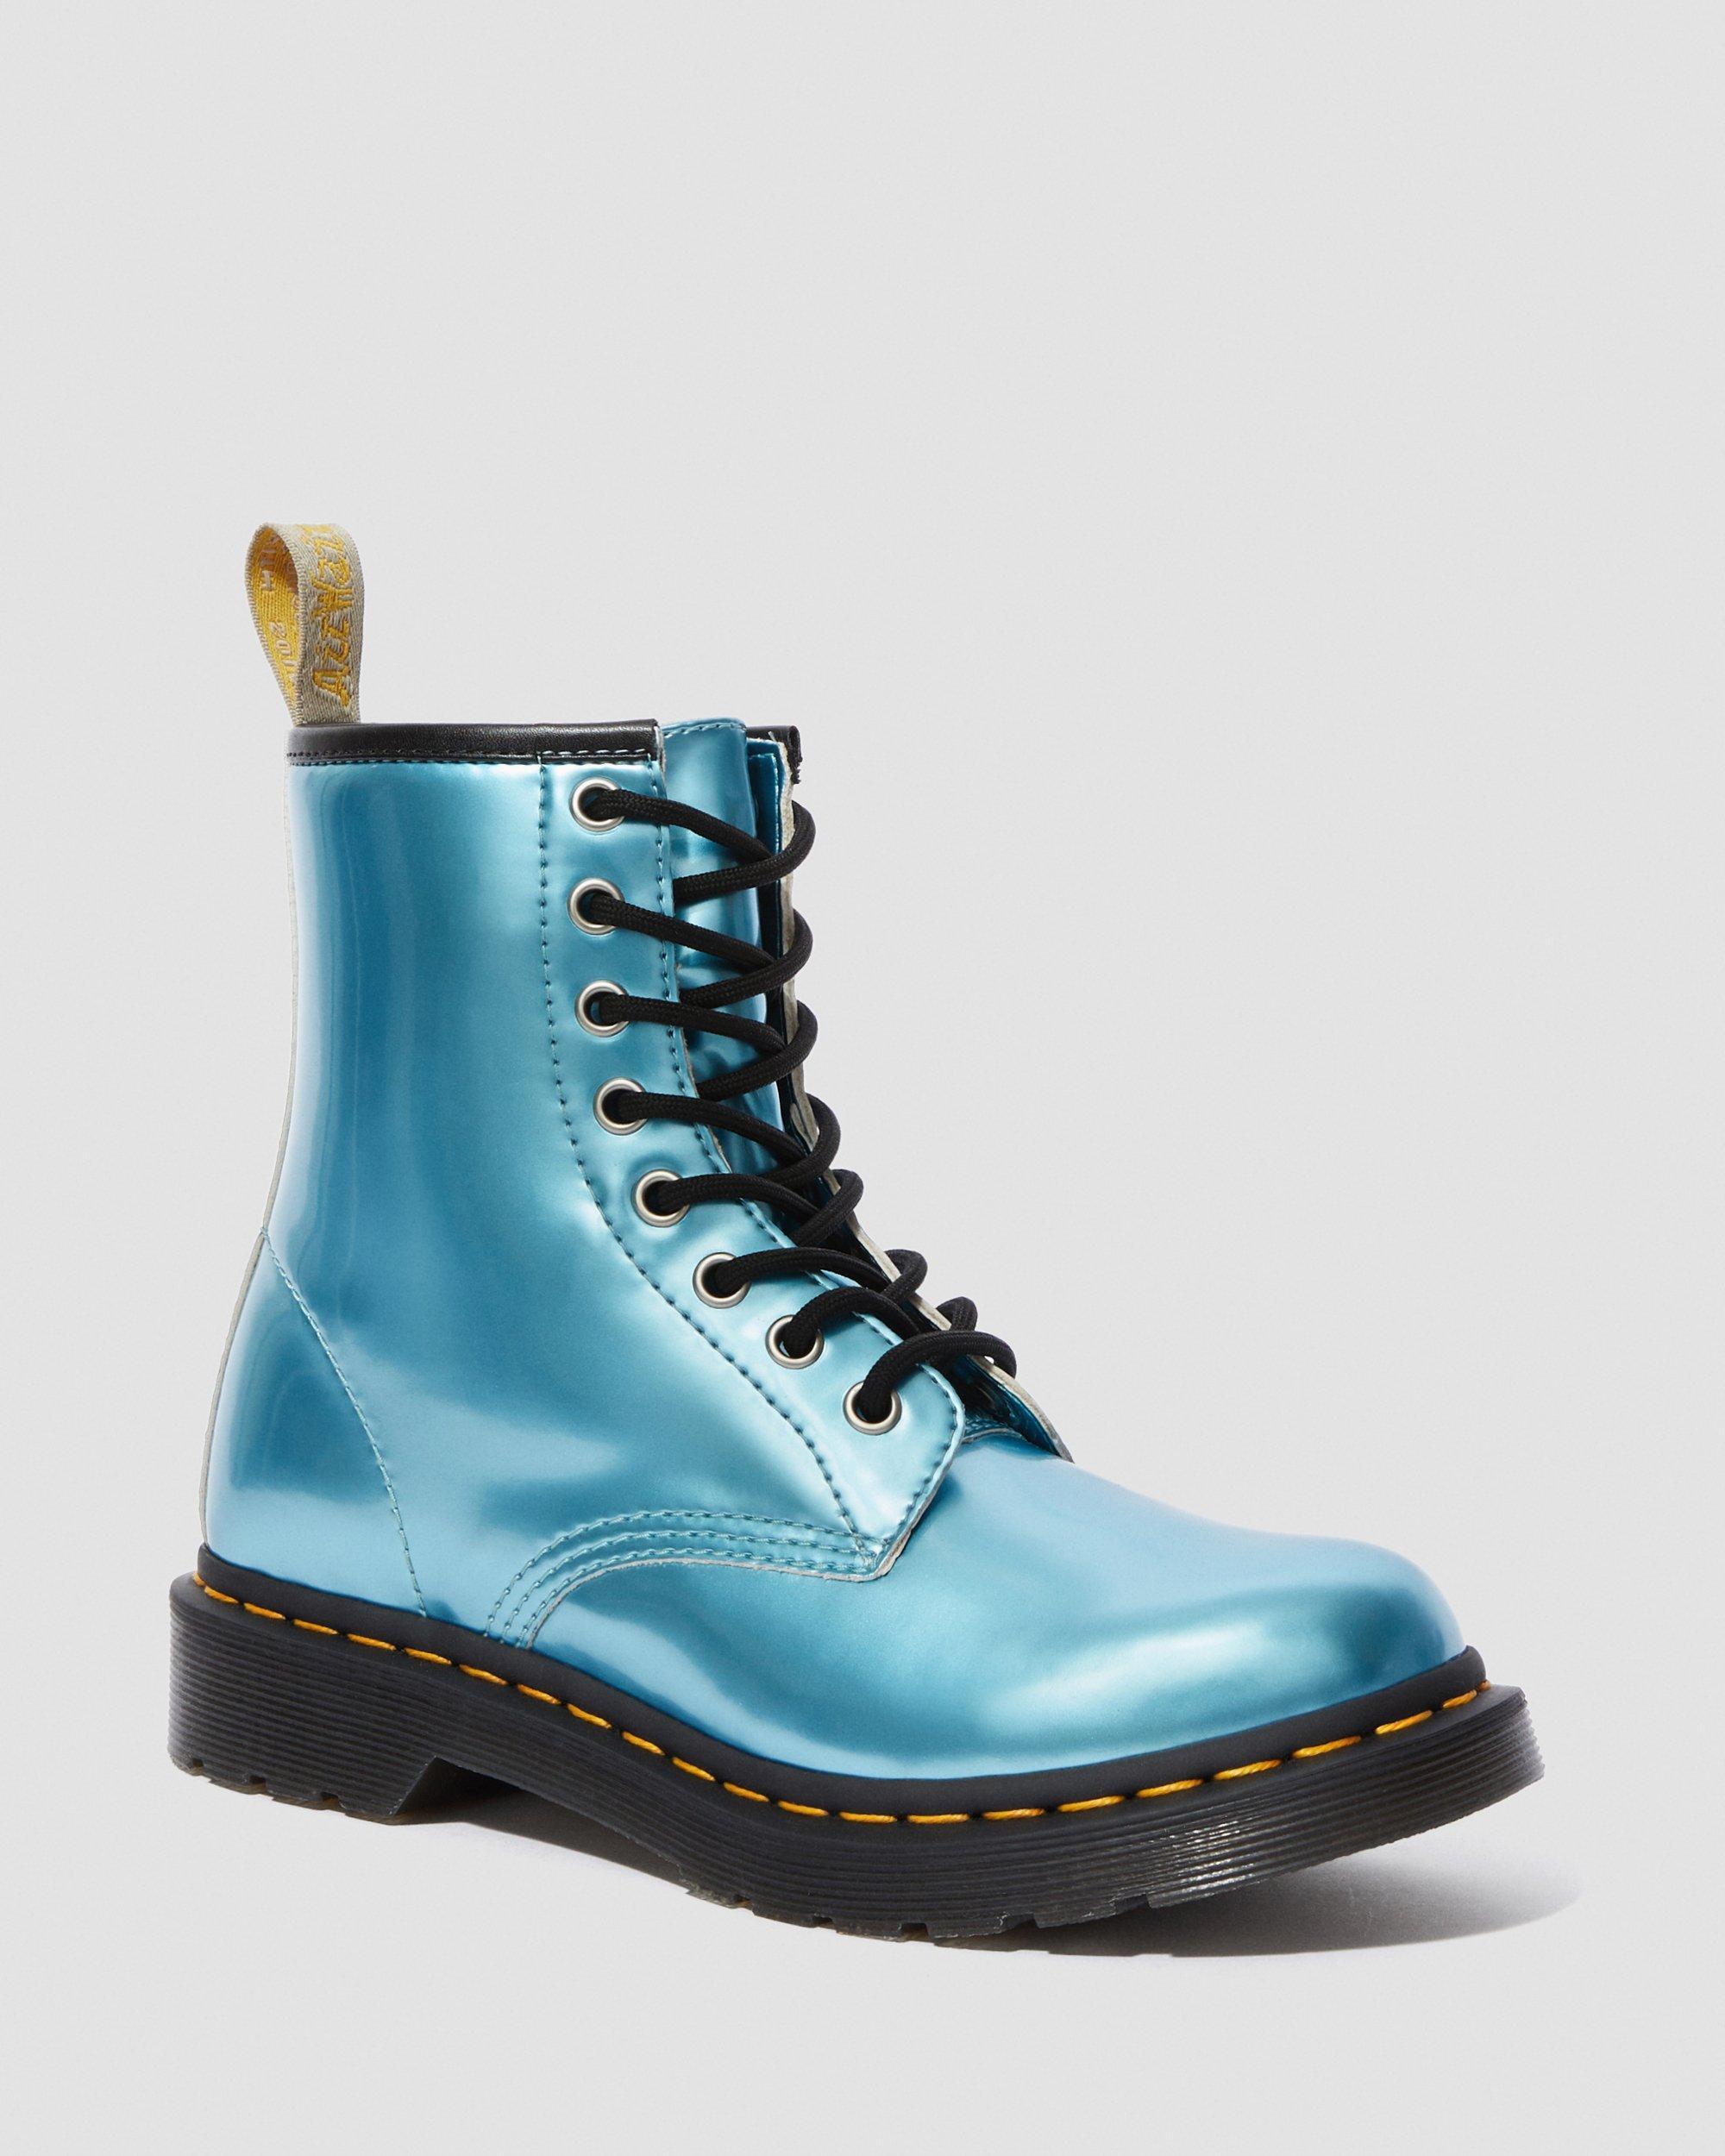 Soldes Chaussure Dr. Martens Boutiques Paris En Ligne, Vente